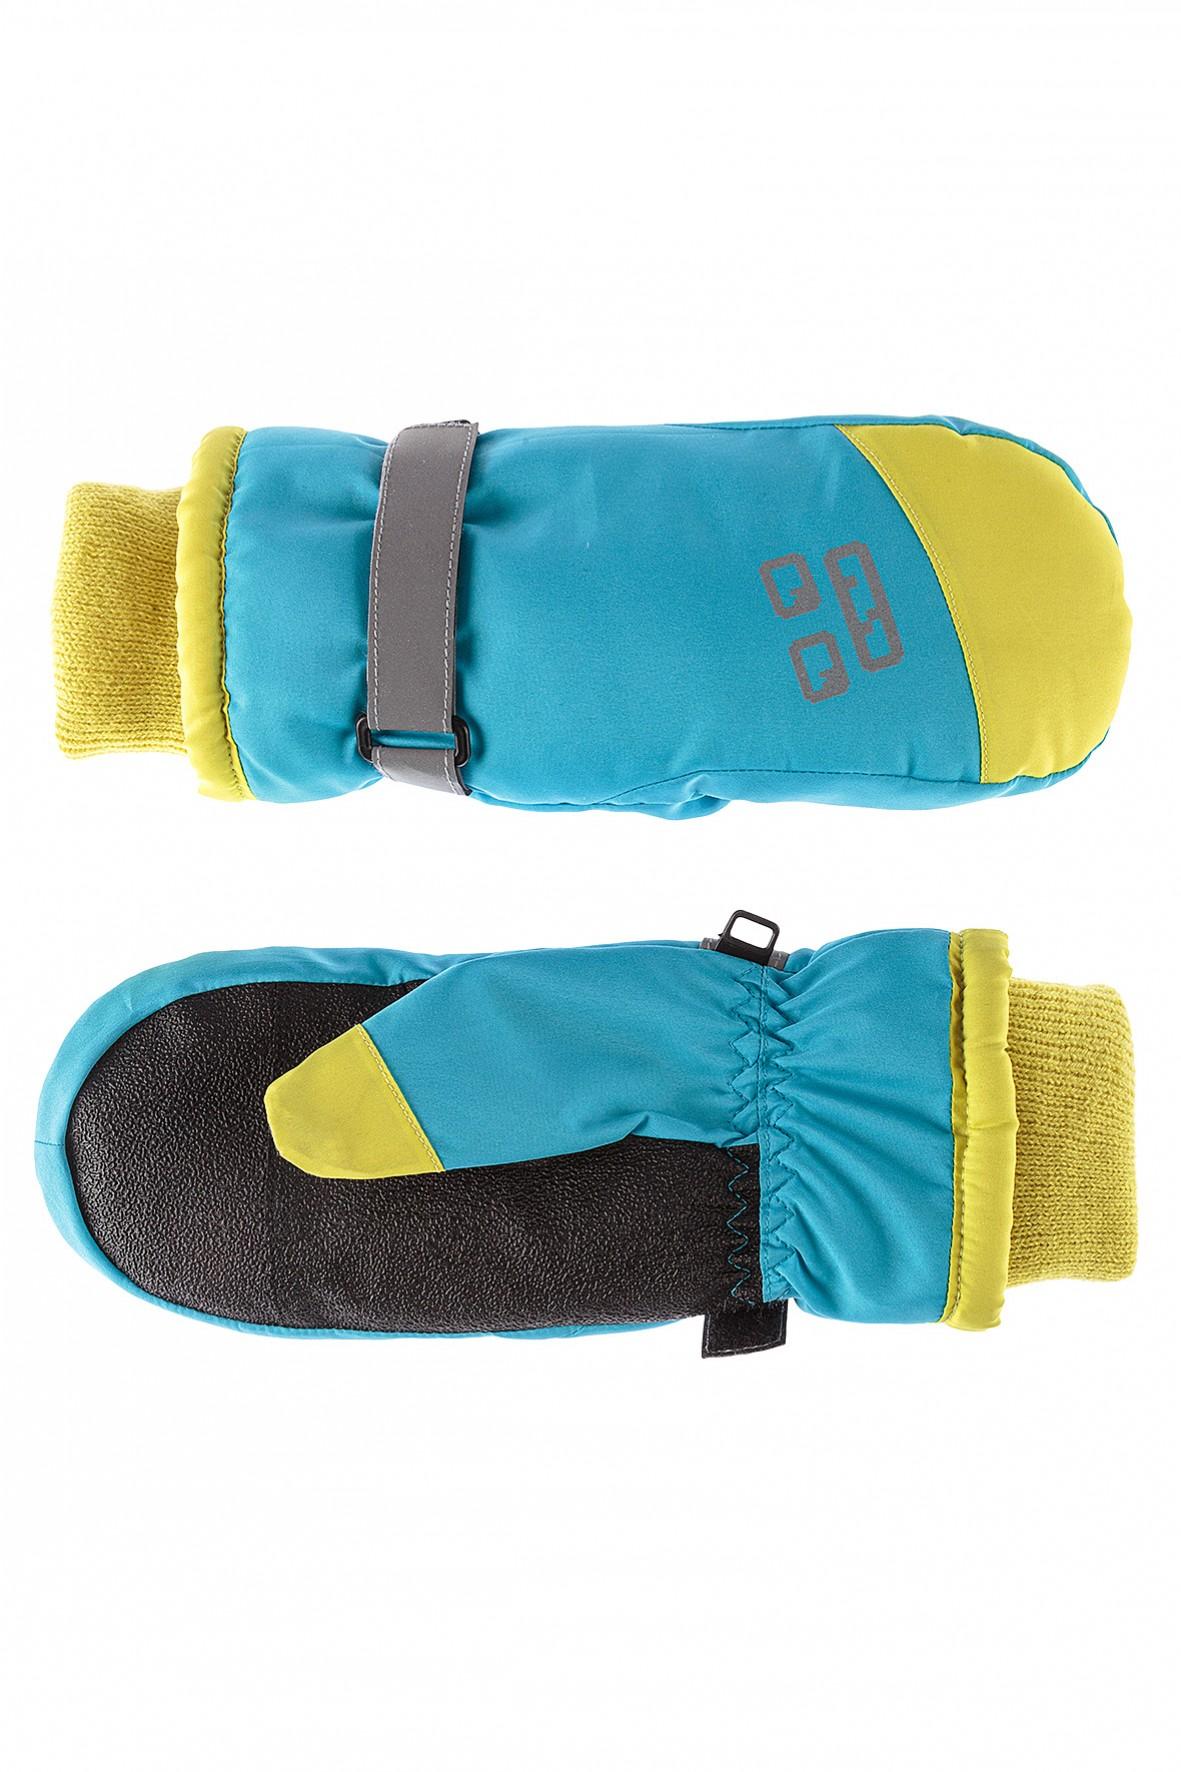 Rękawiczki chłopięce narciarskie z elementami odblaskowymi